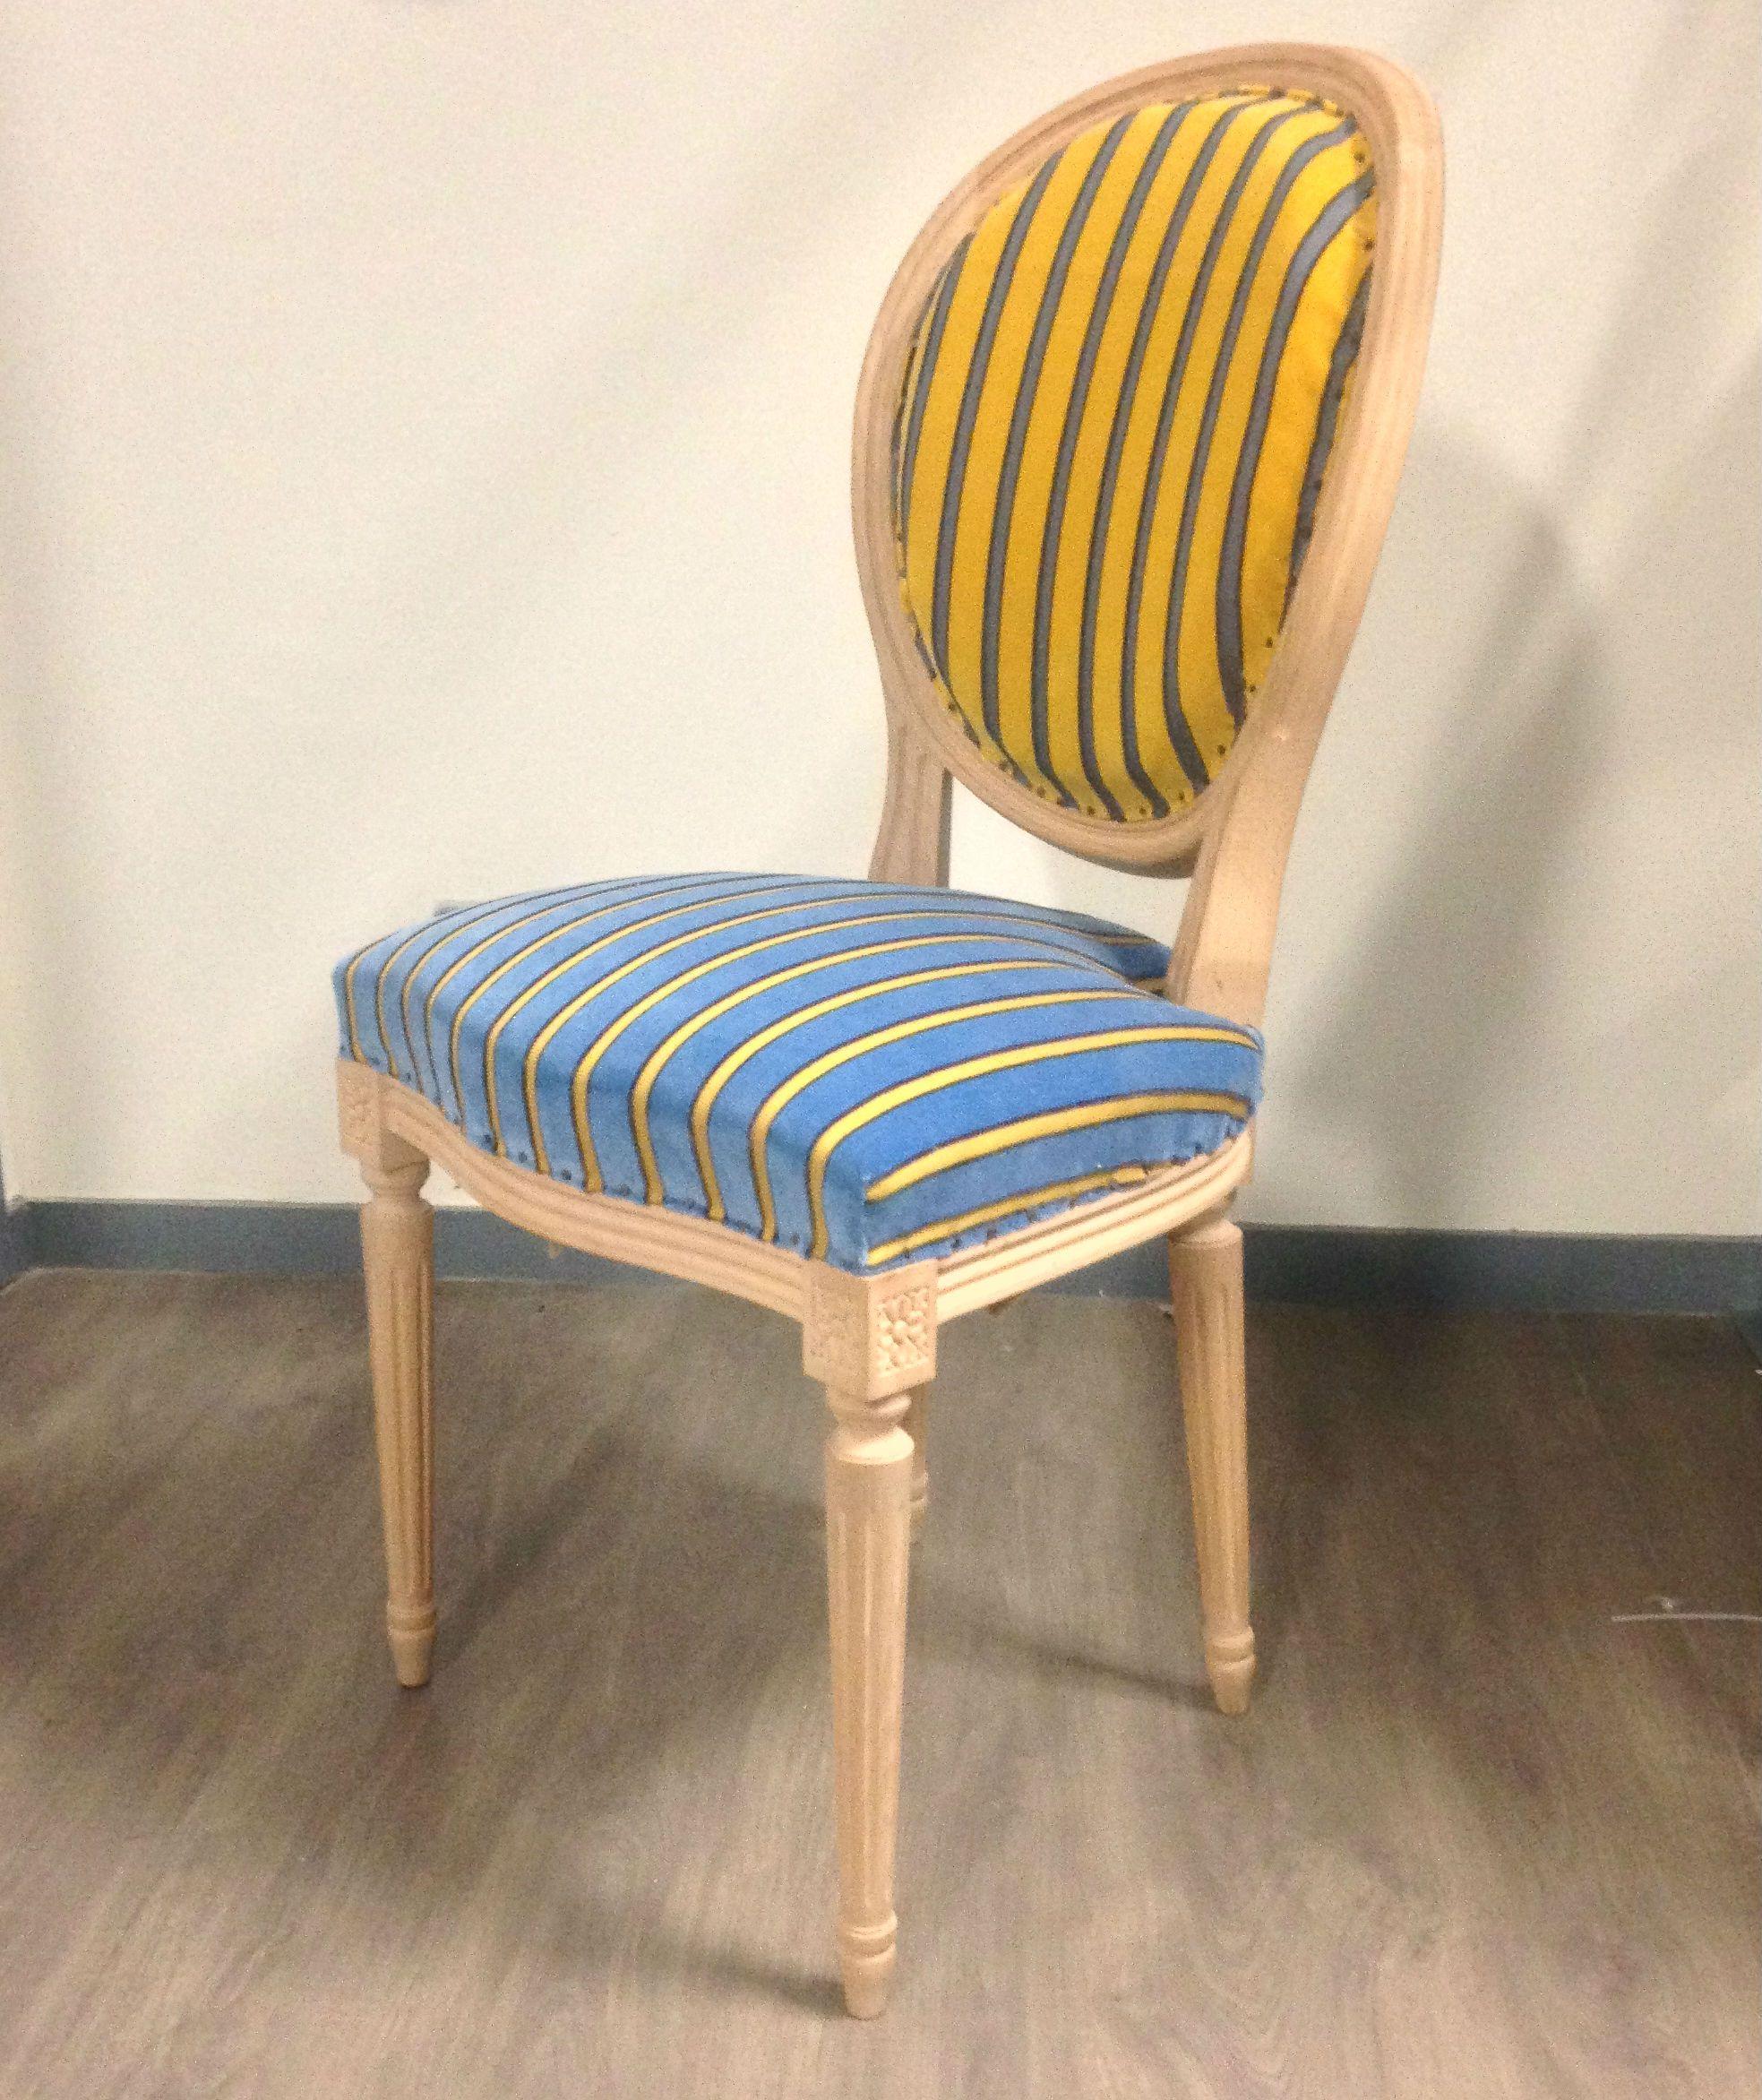 chaise m daillon louis xvi jeu de rayures tapisserie les ateliers gr goire pinterest. Black Bedroom Furniture Sets. Home Design Ideas